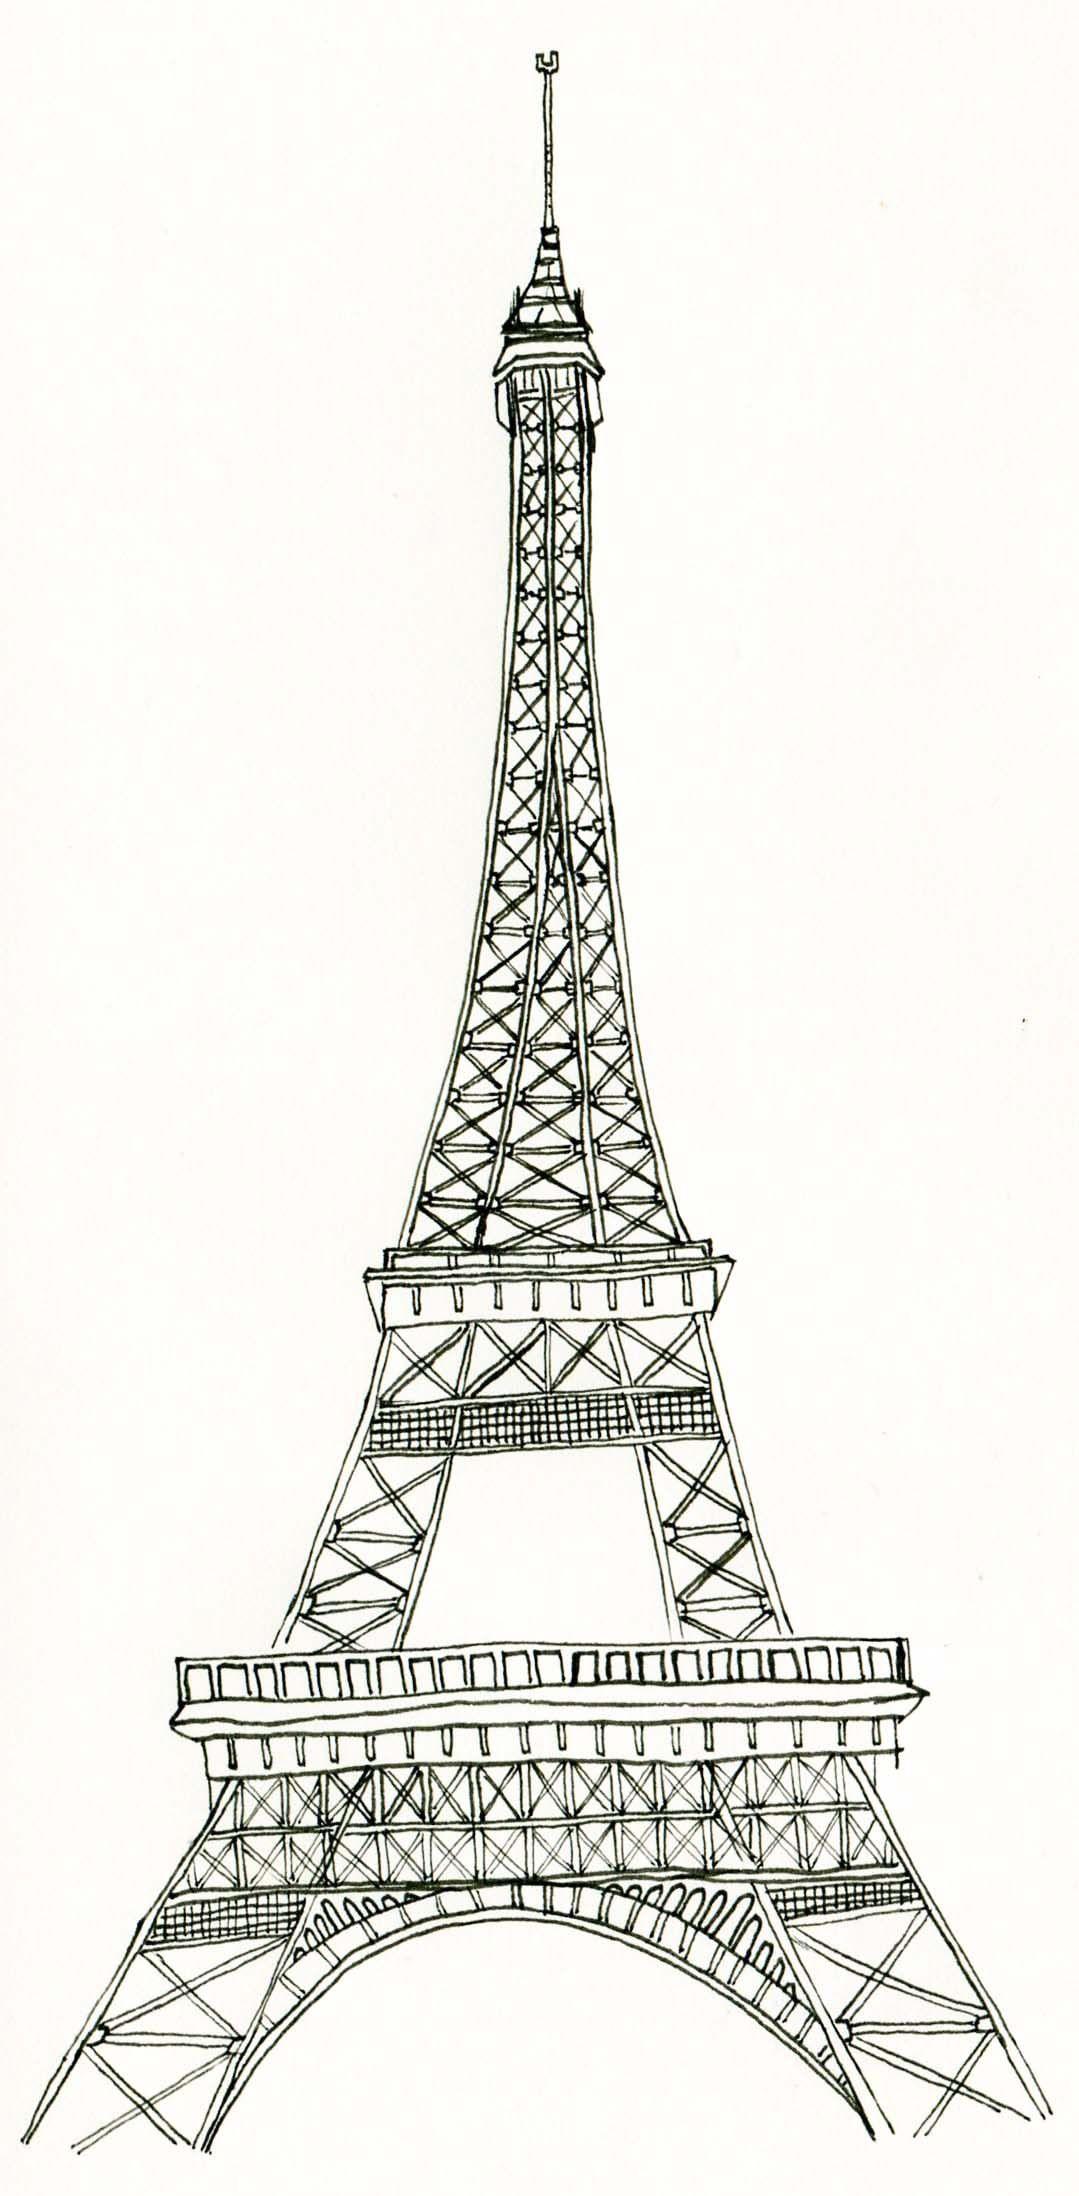 La tour eiffel tower art